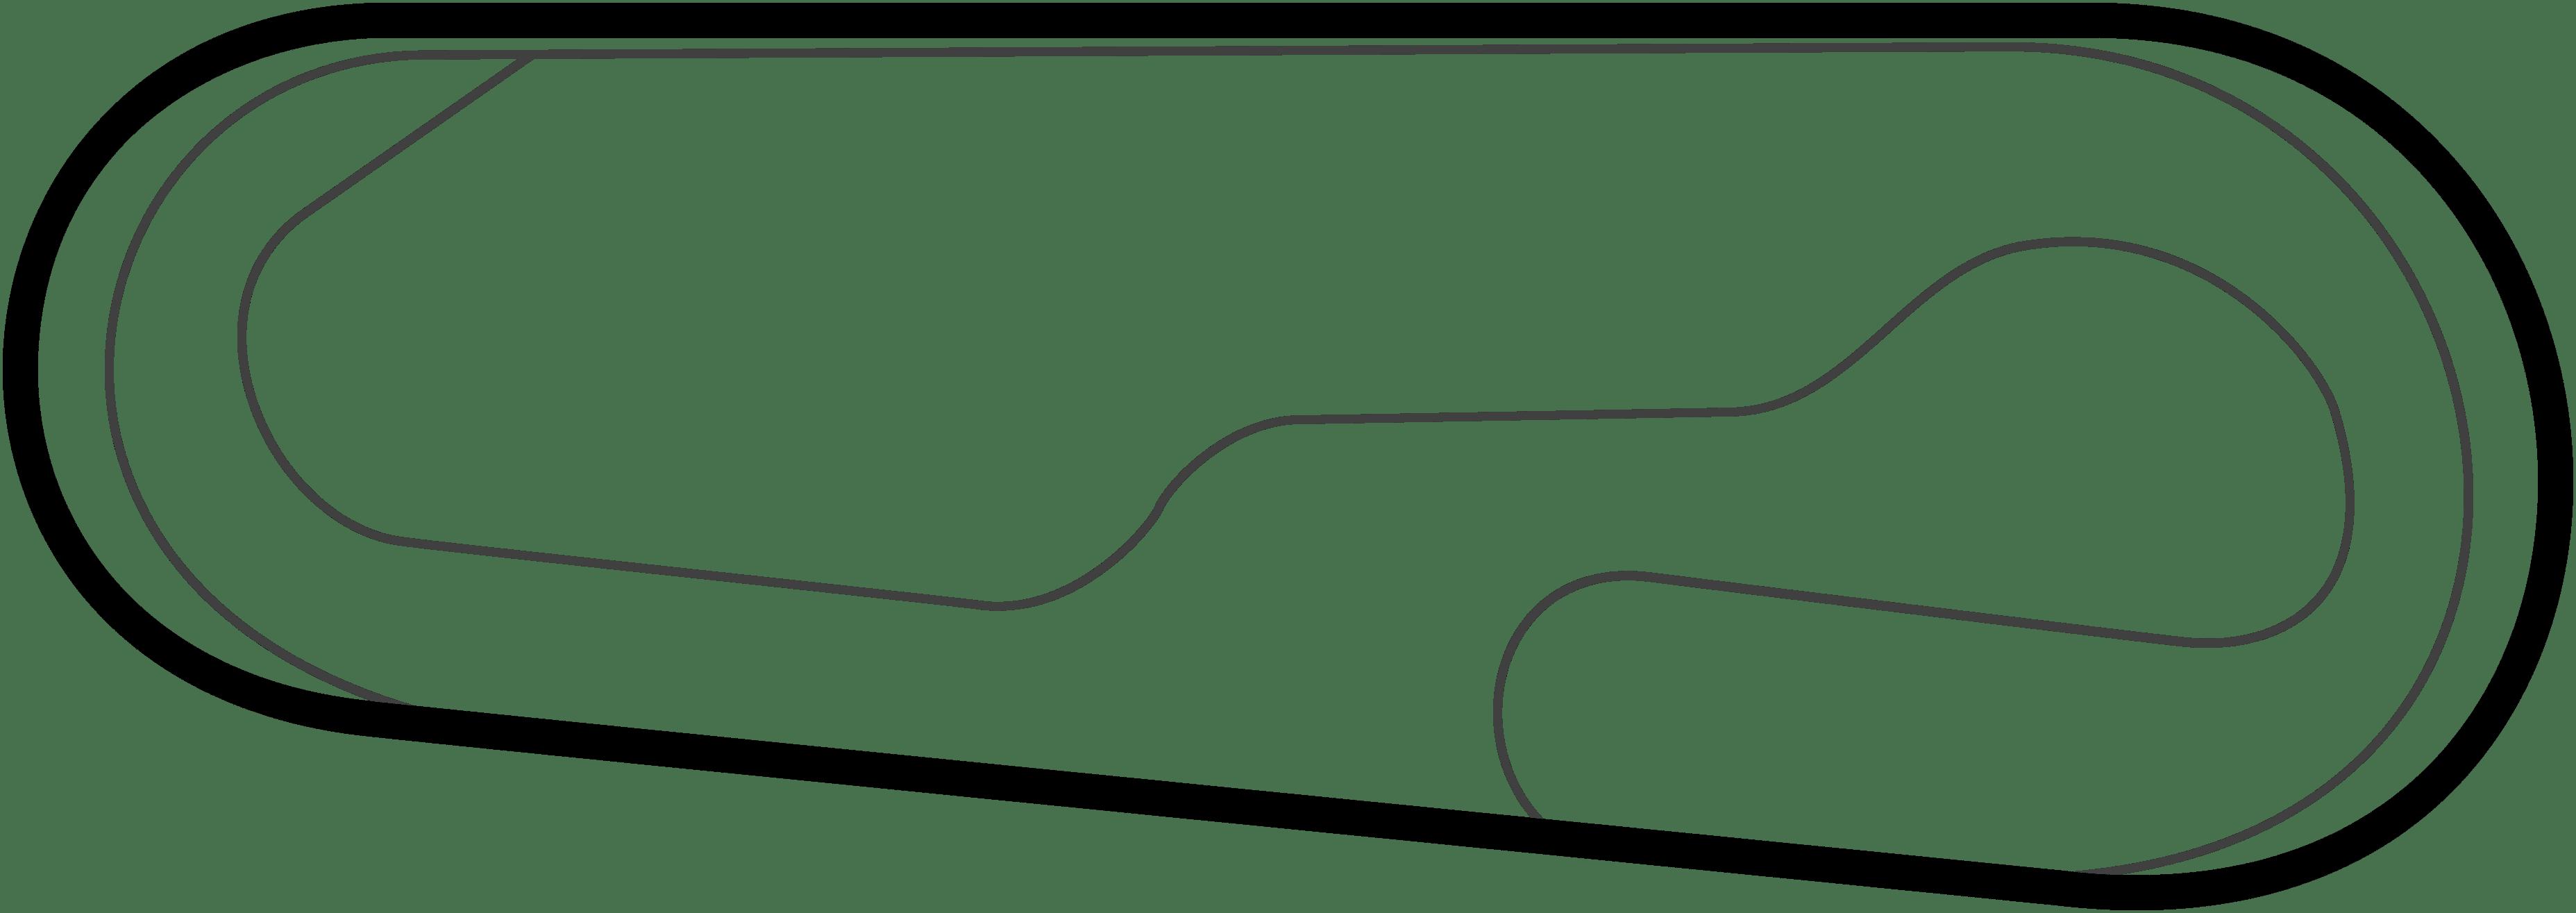 World Wide Technology Raceway Layout